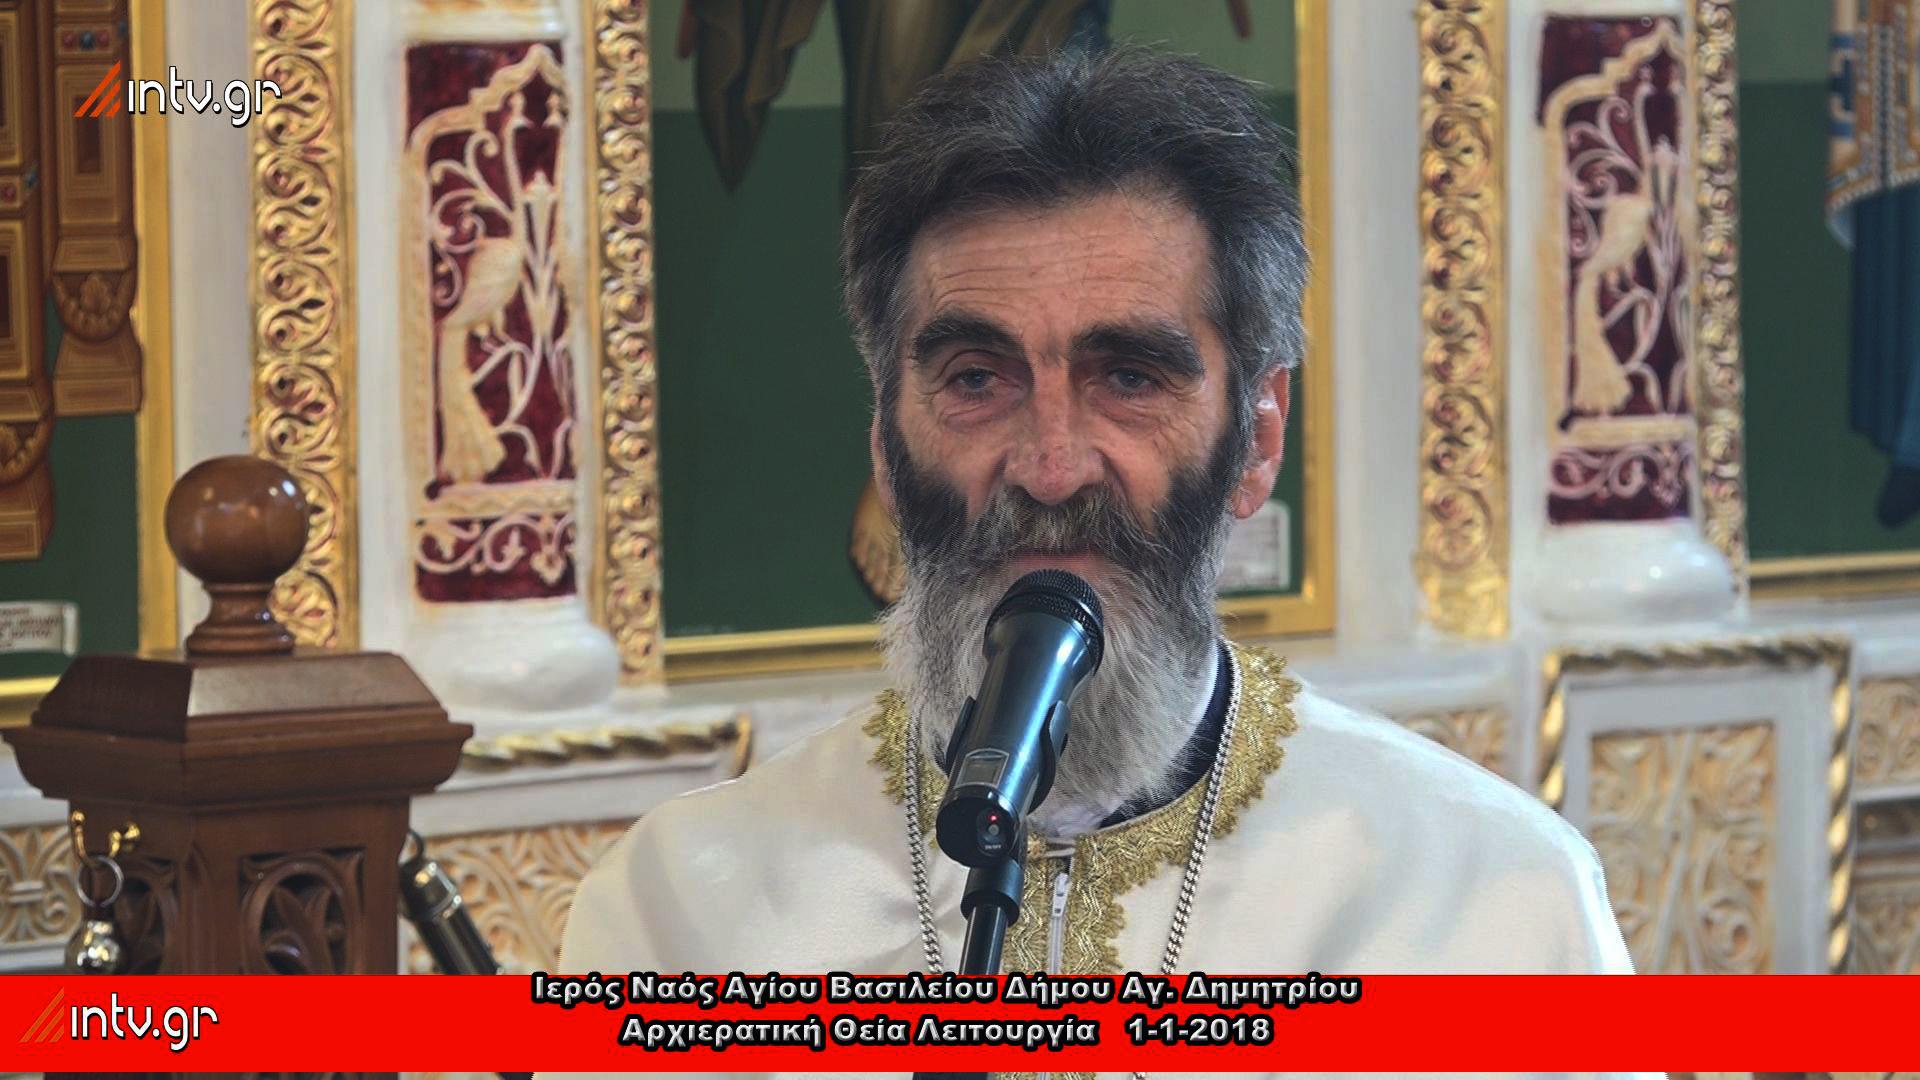 Ι. Ν. Αγ. Βασιλείου Δήμου Αγ. Δημητρίου - Αρχιερατική Θεία Λειτουργία